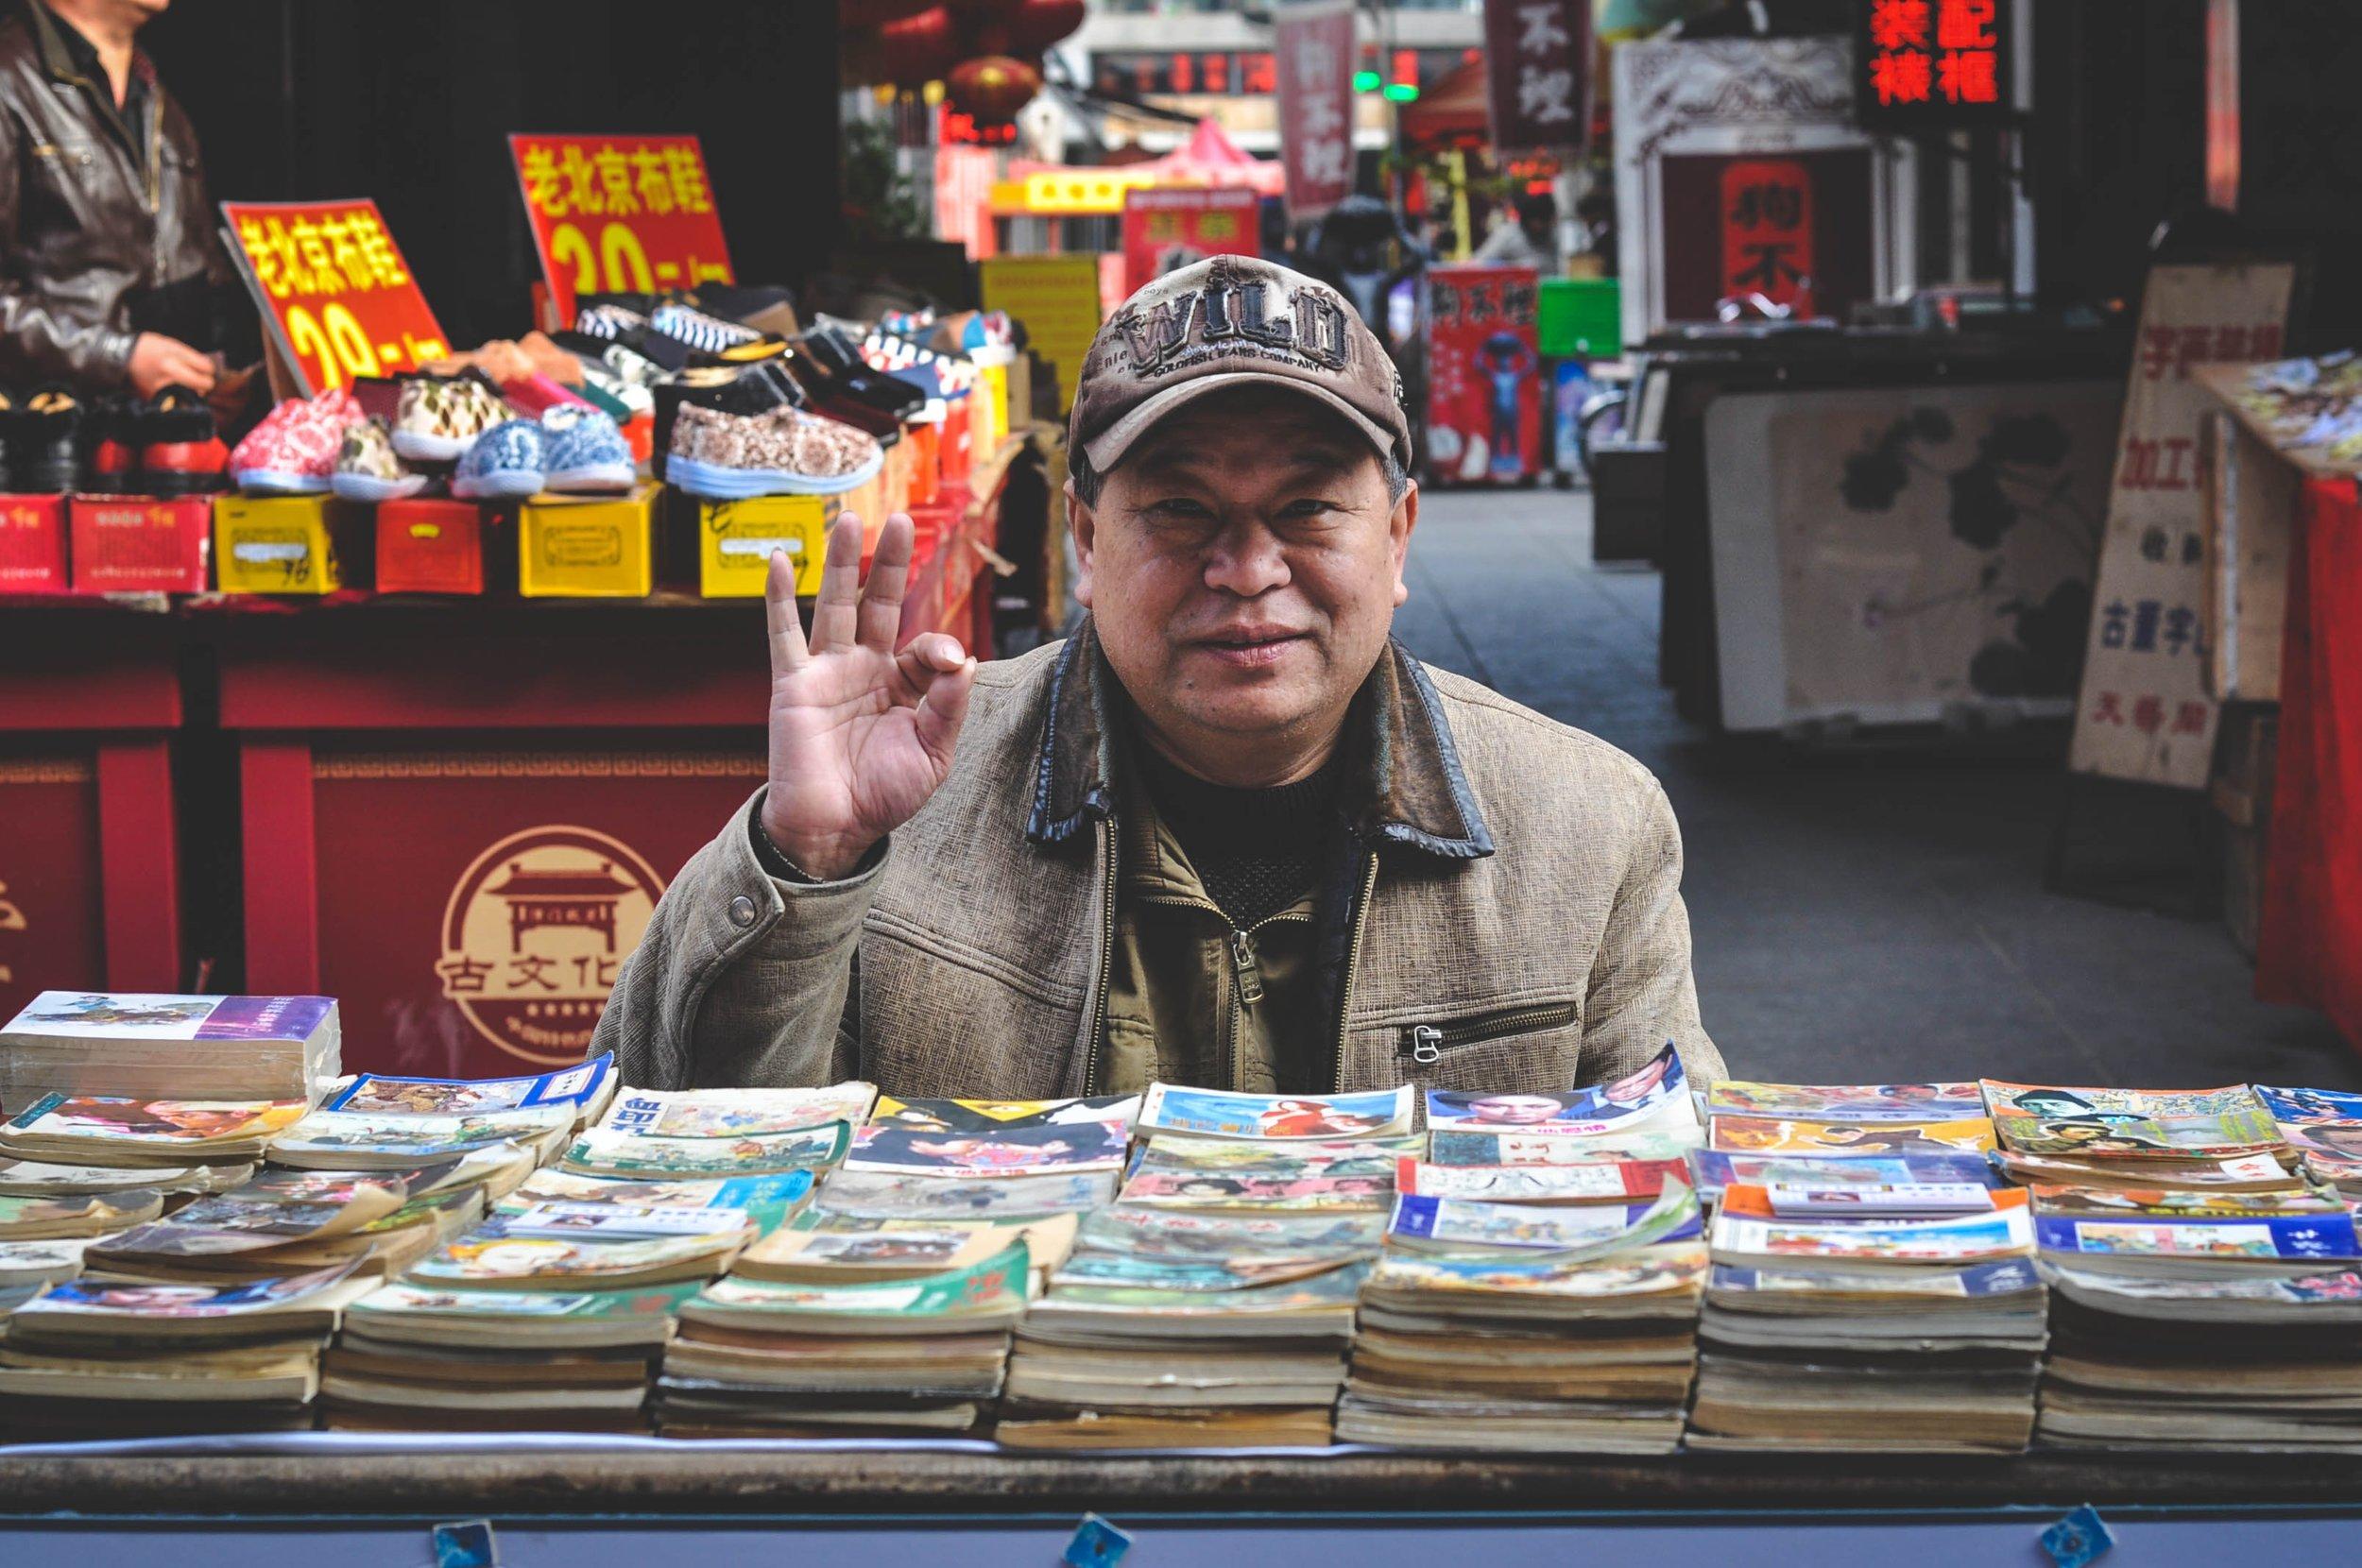 Chinese Man selling books.jpeg